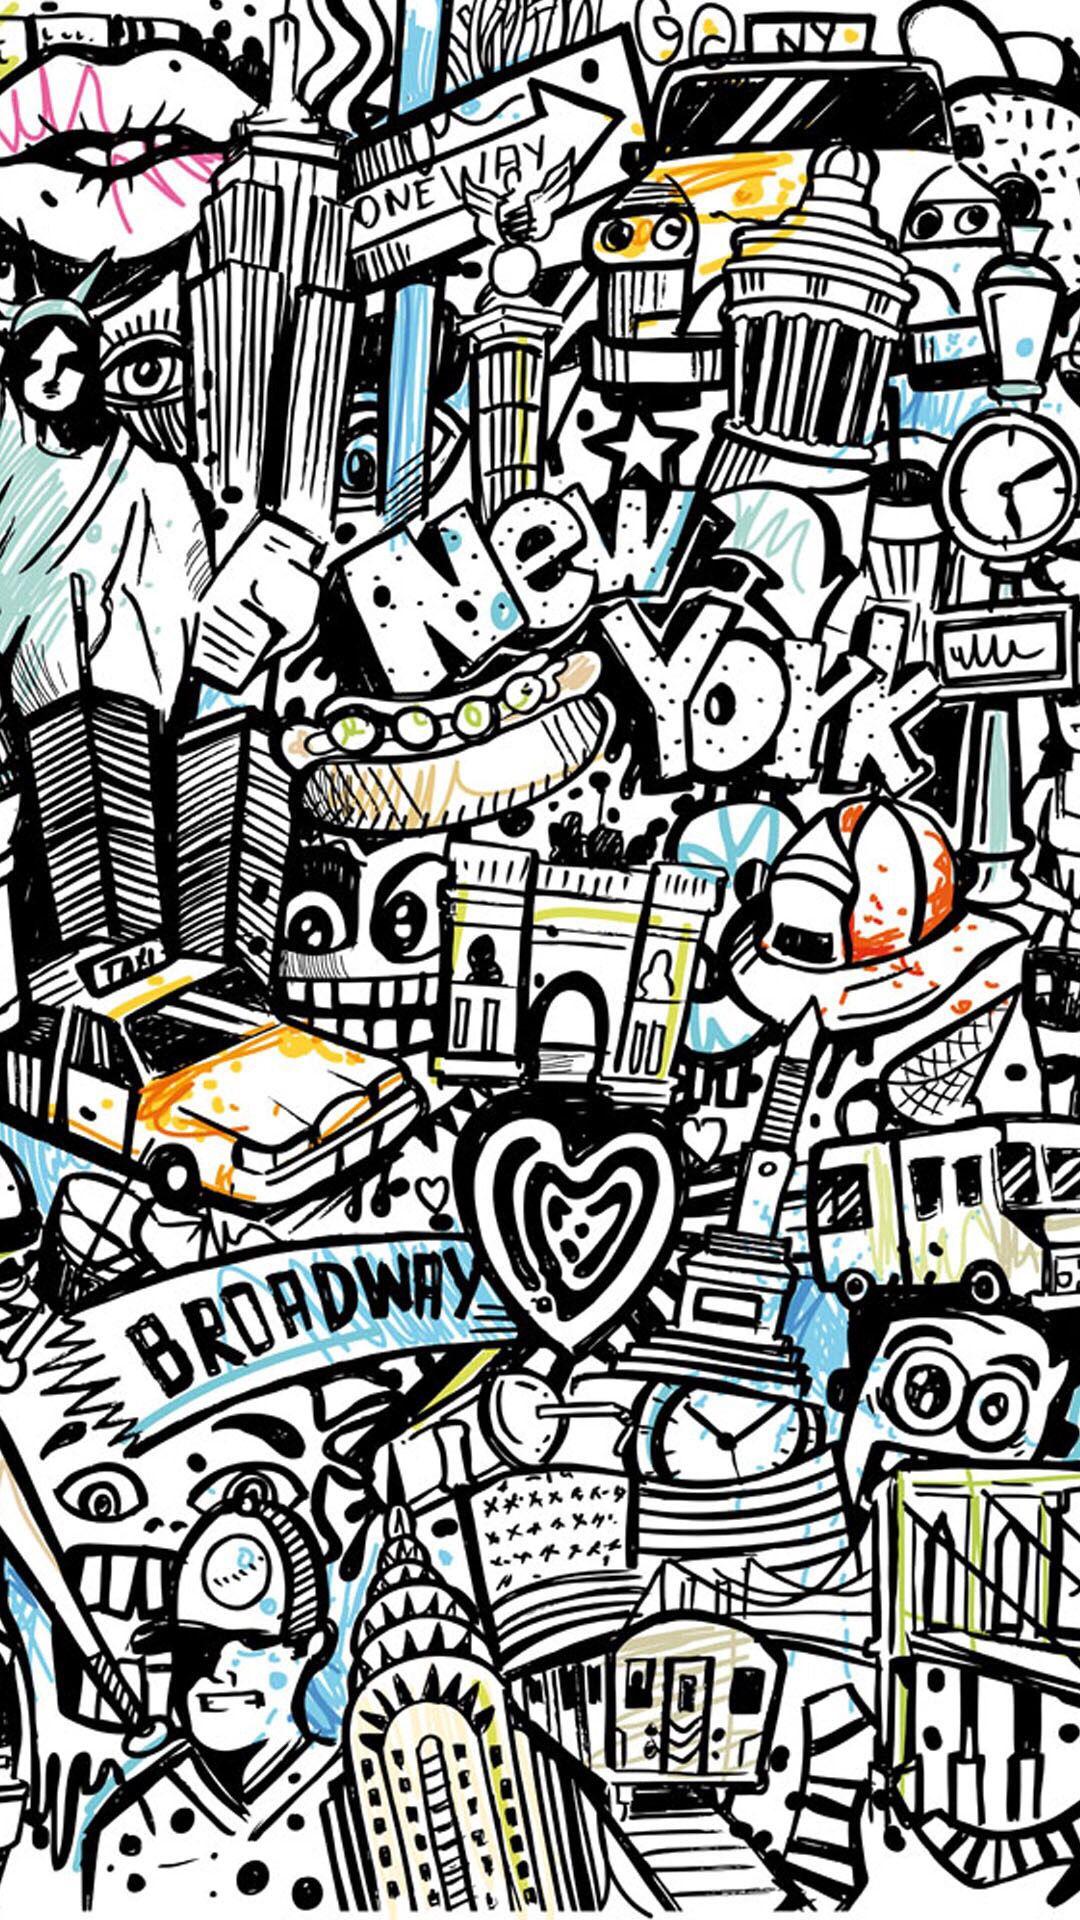 Graffiti                                                                                                                                                                                 More